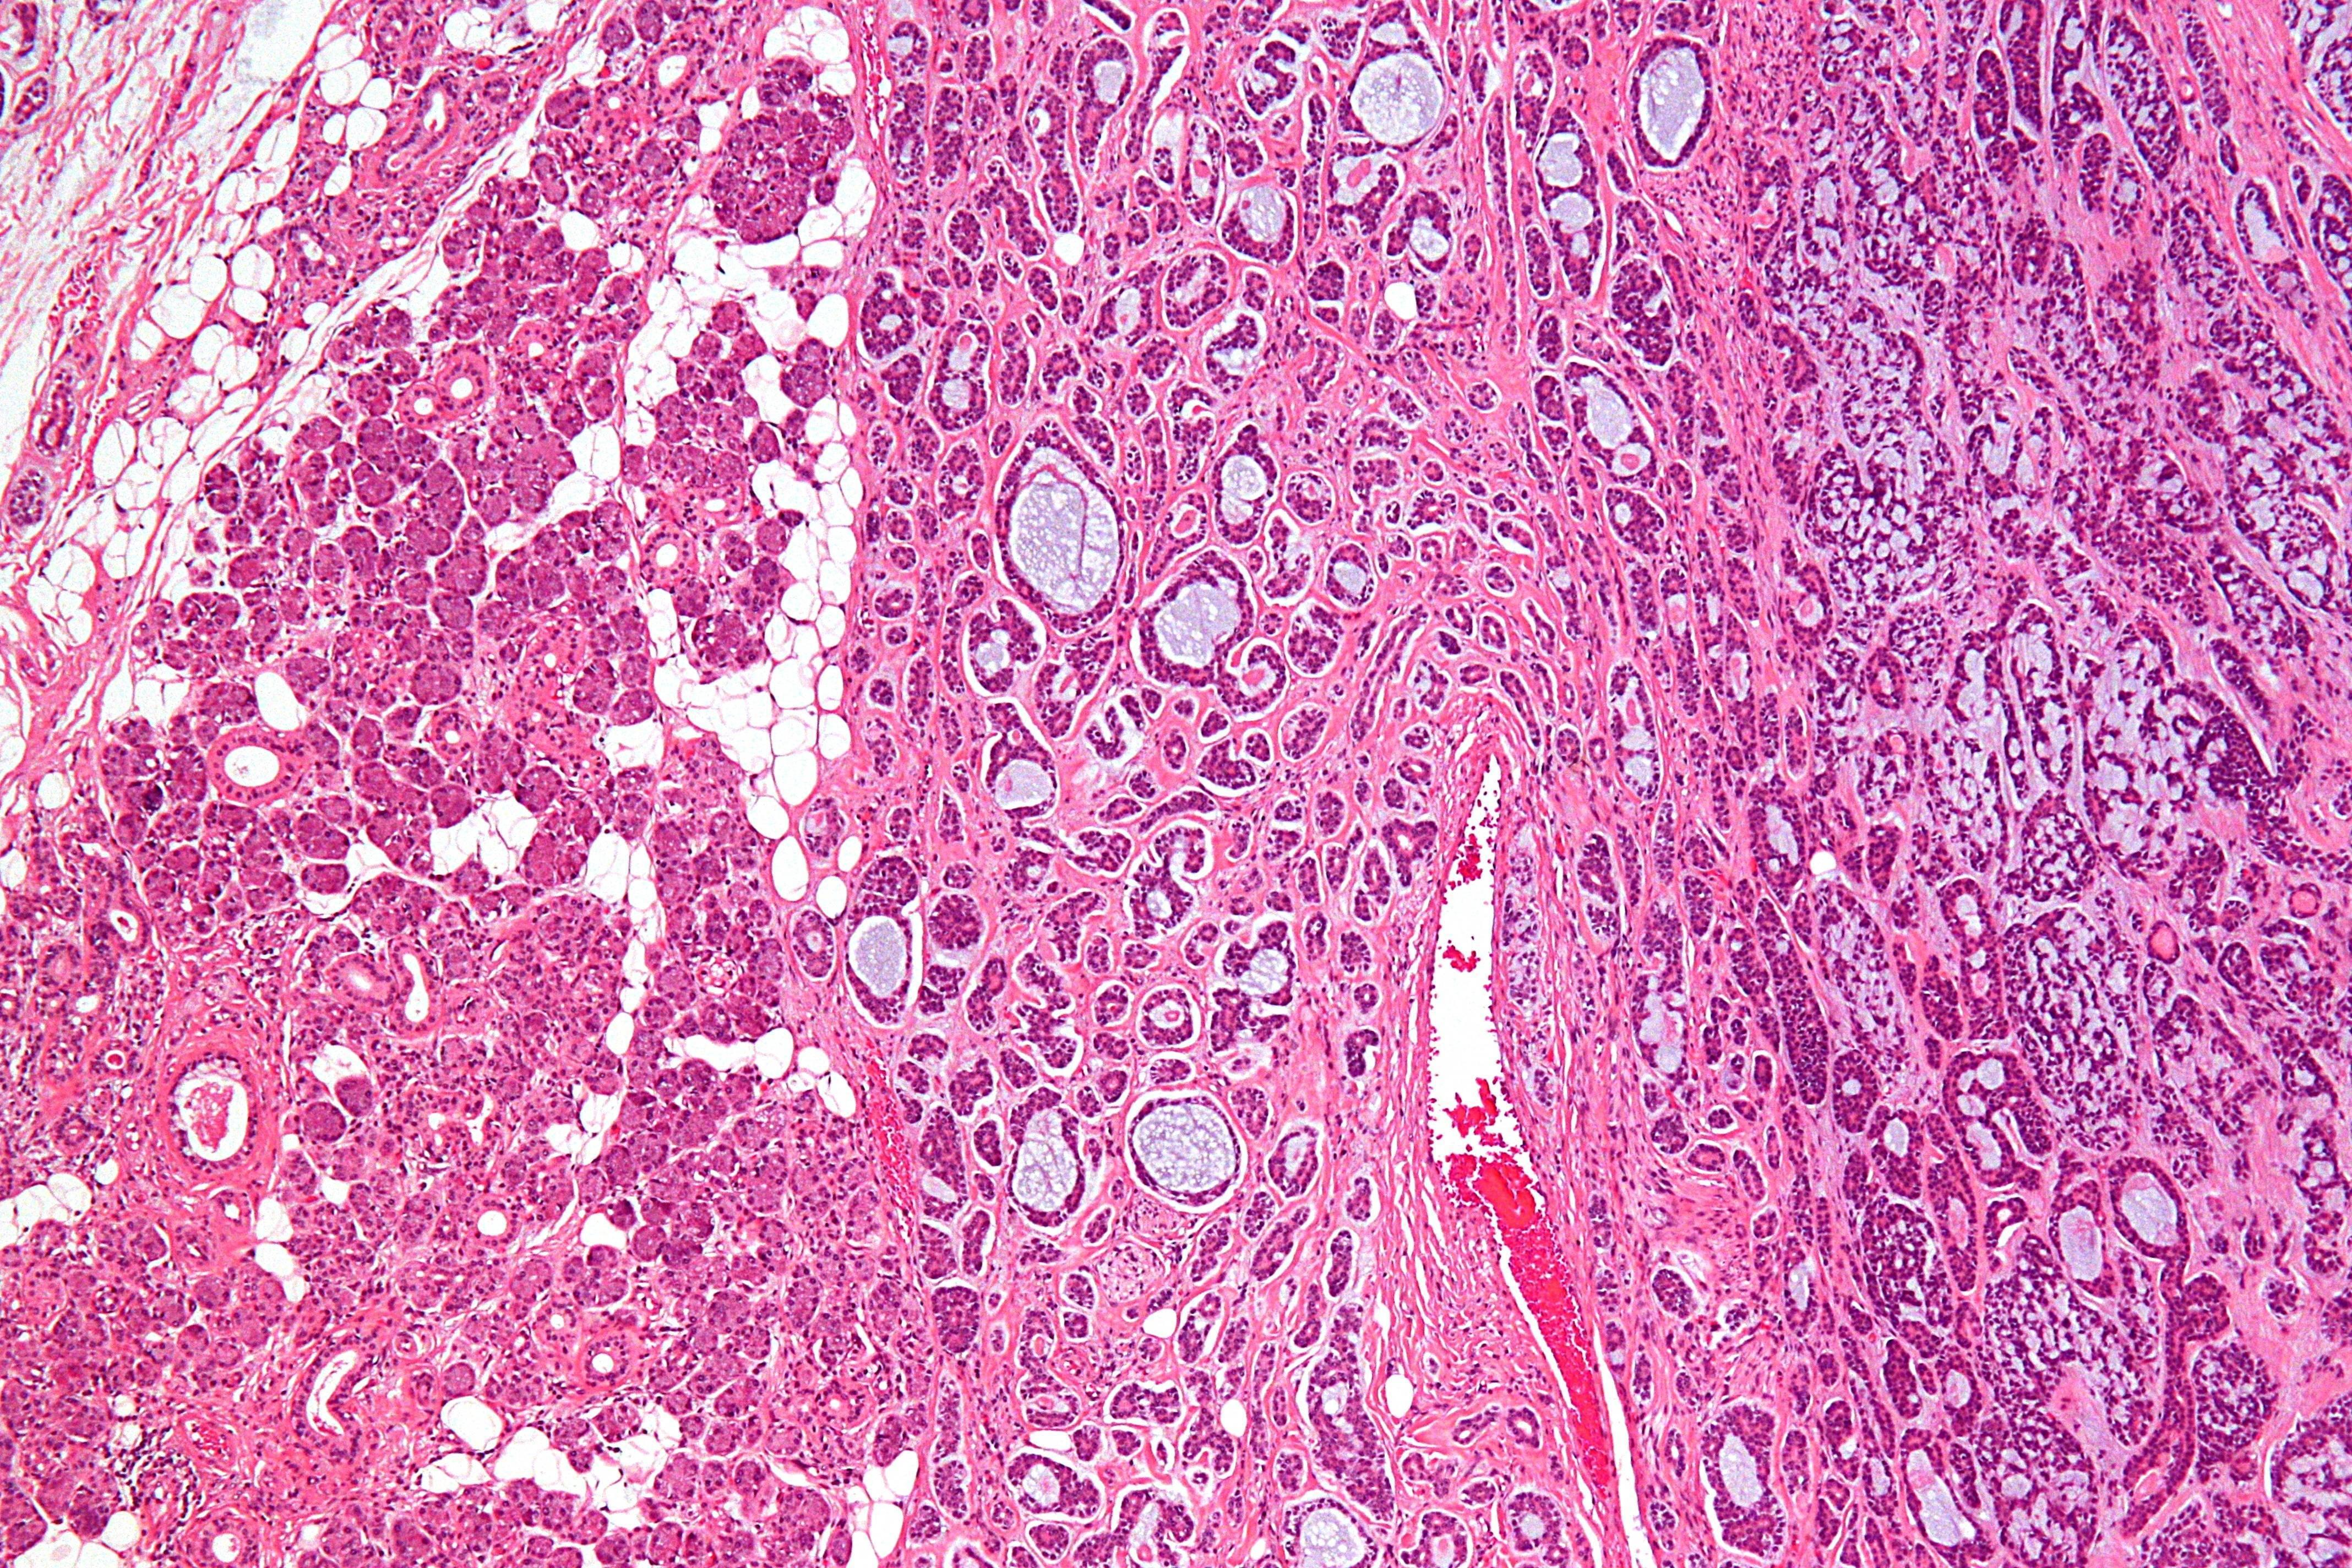 медуллярный рак щитовидной железы развивается